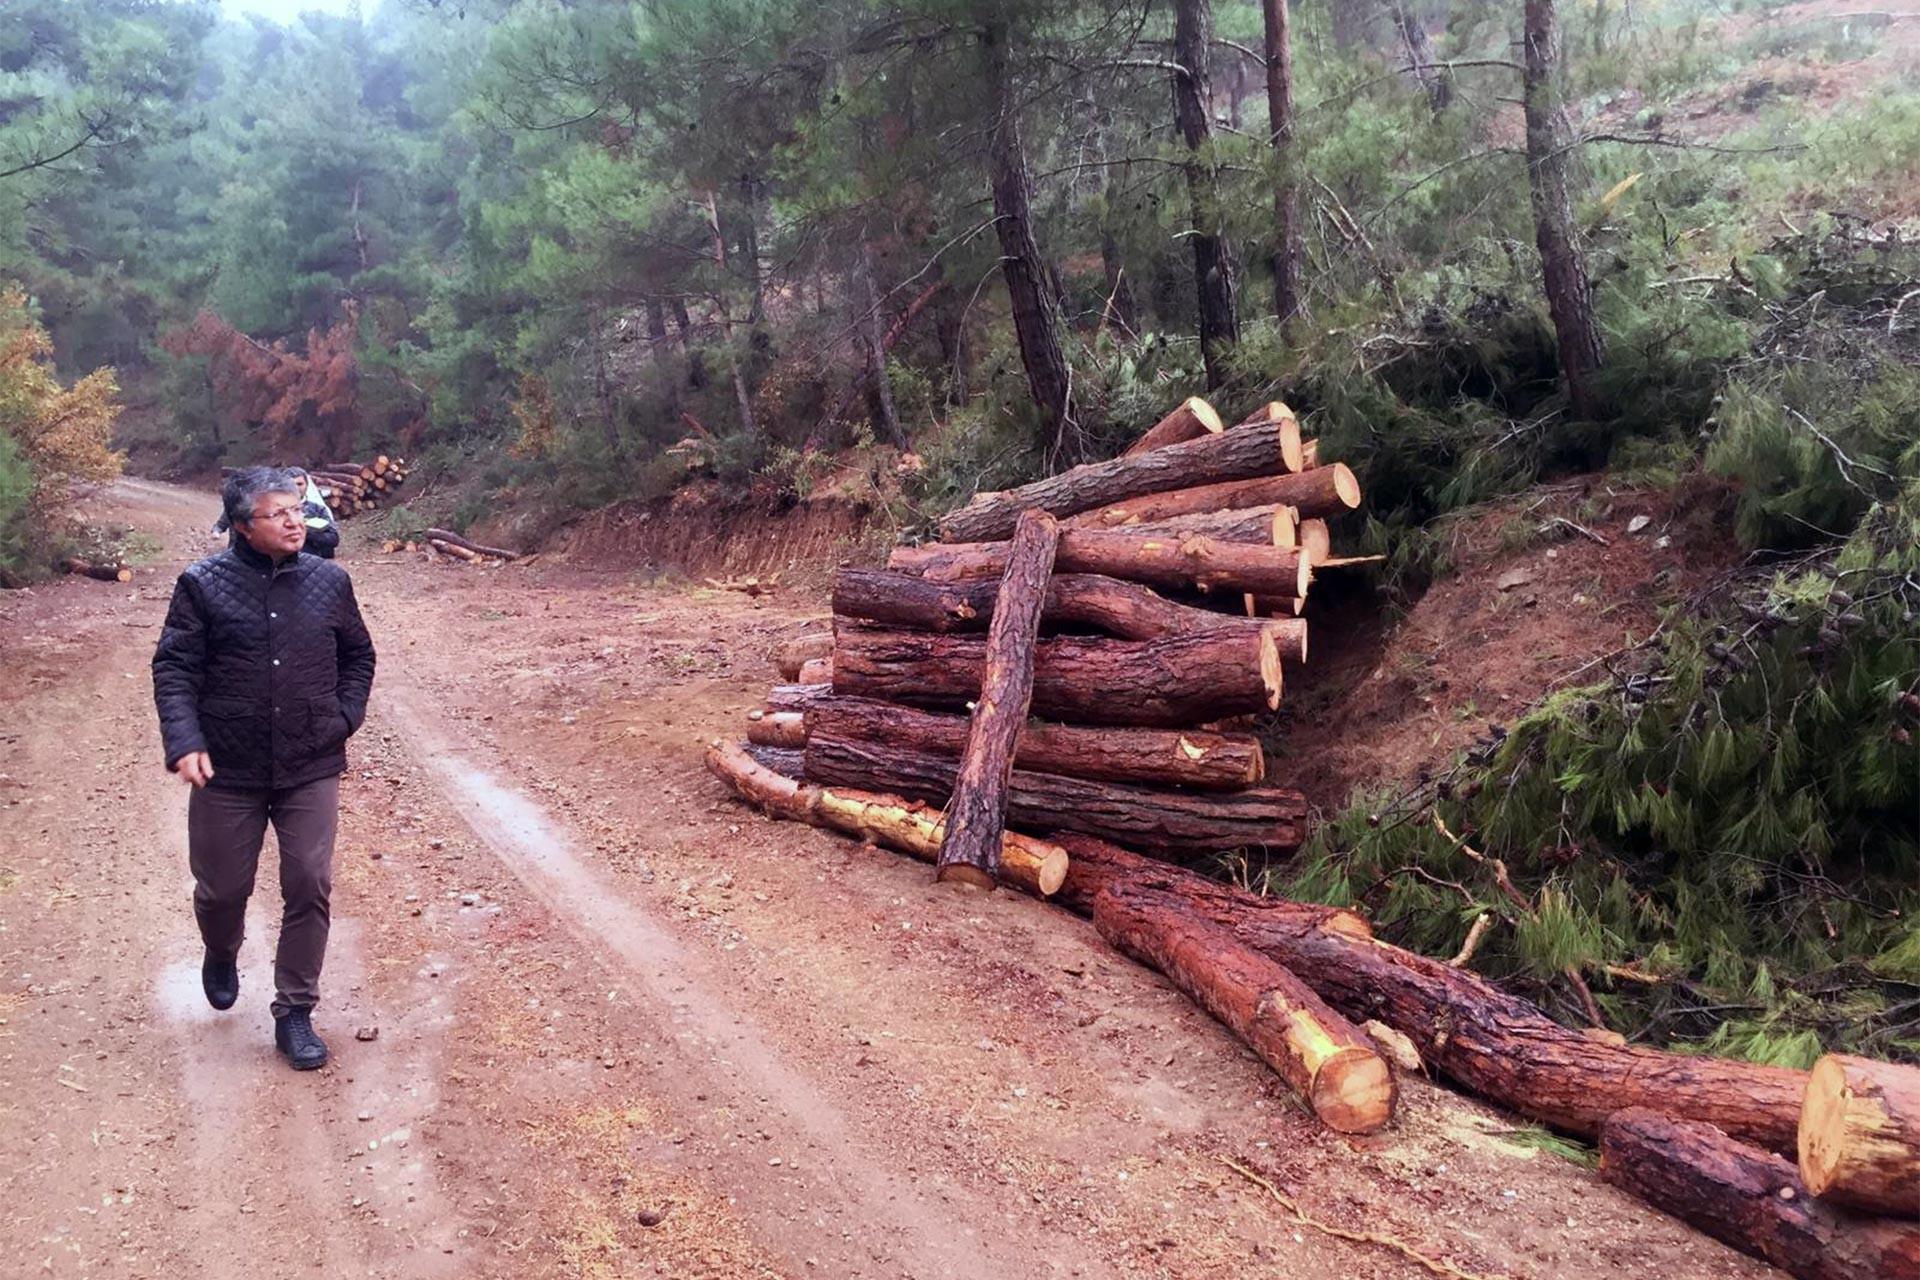 Çanakkale orman katliamının eşiğinde: Sondaj çalışması ve ağaç kesimi sürüyor